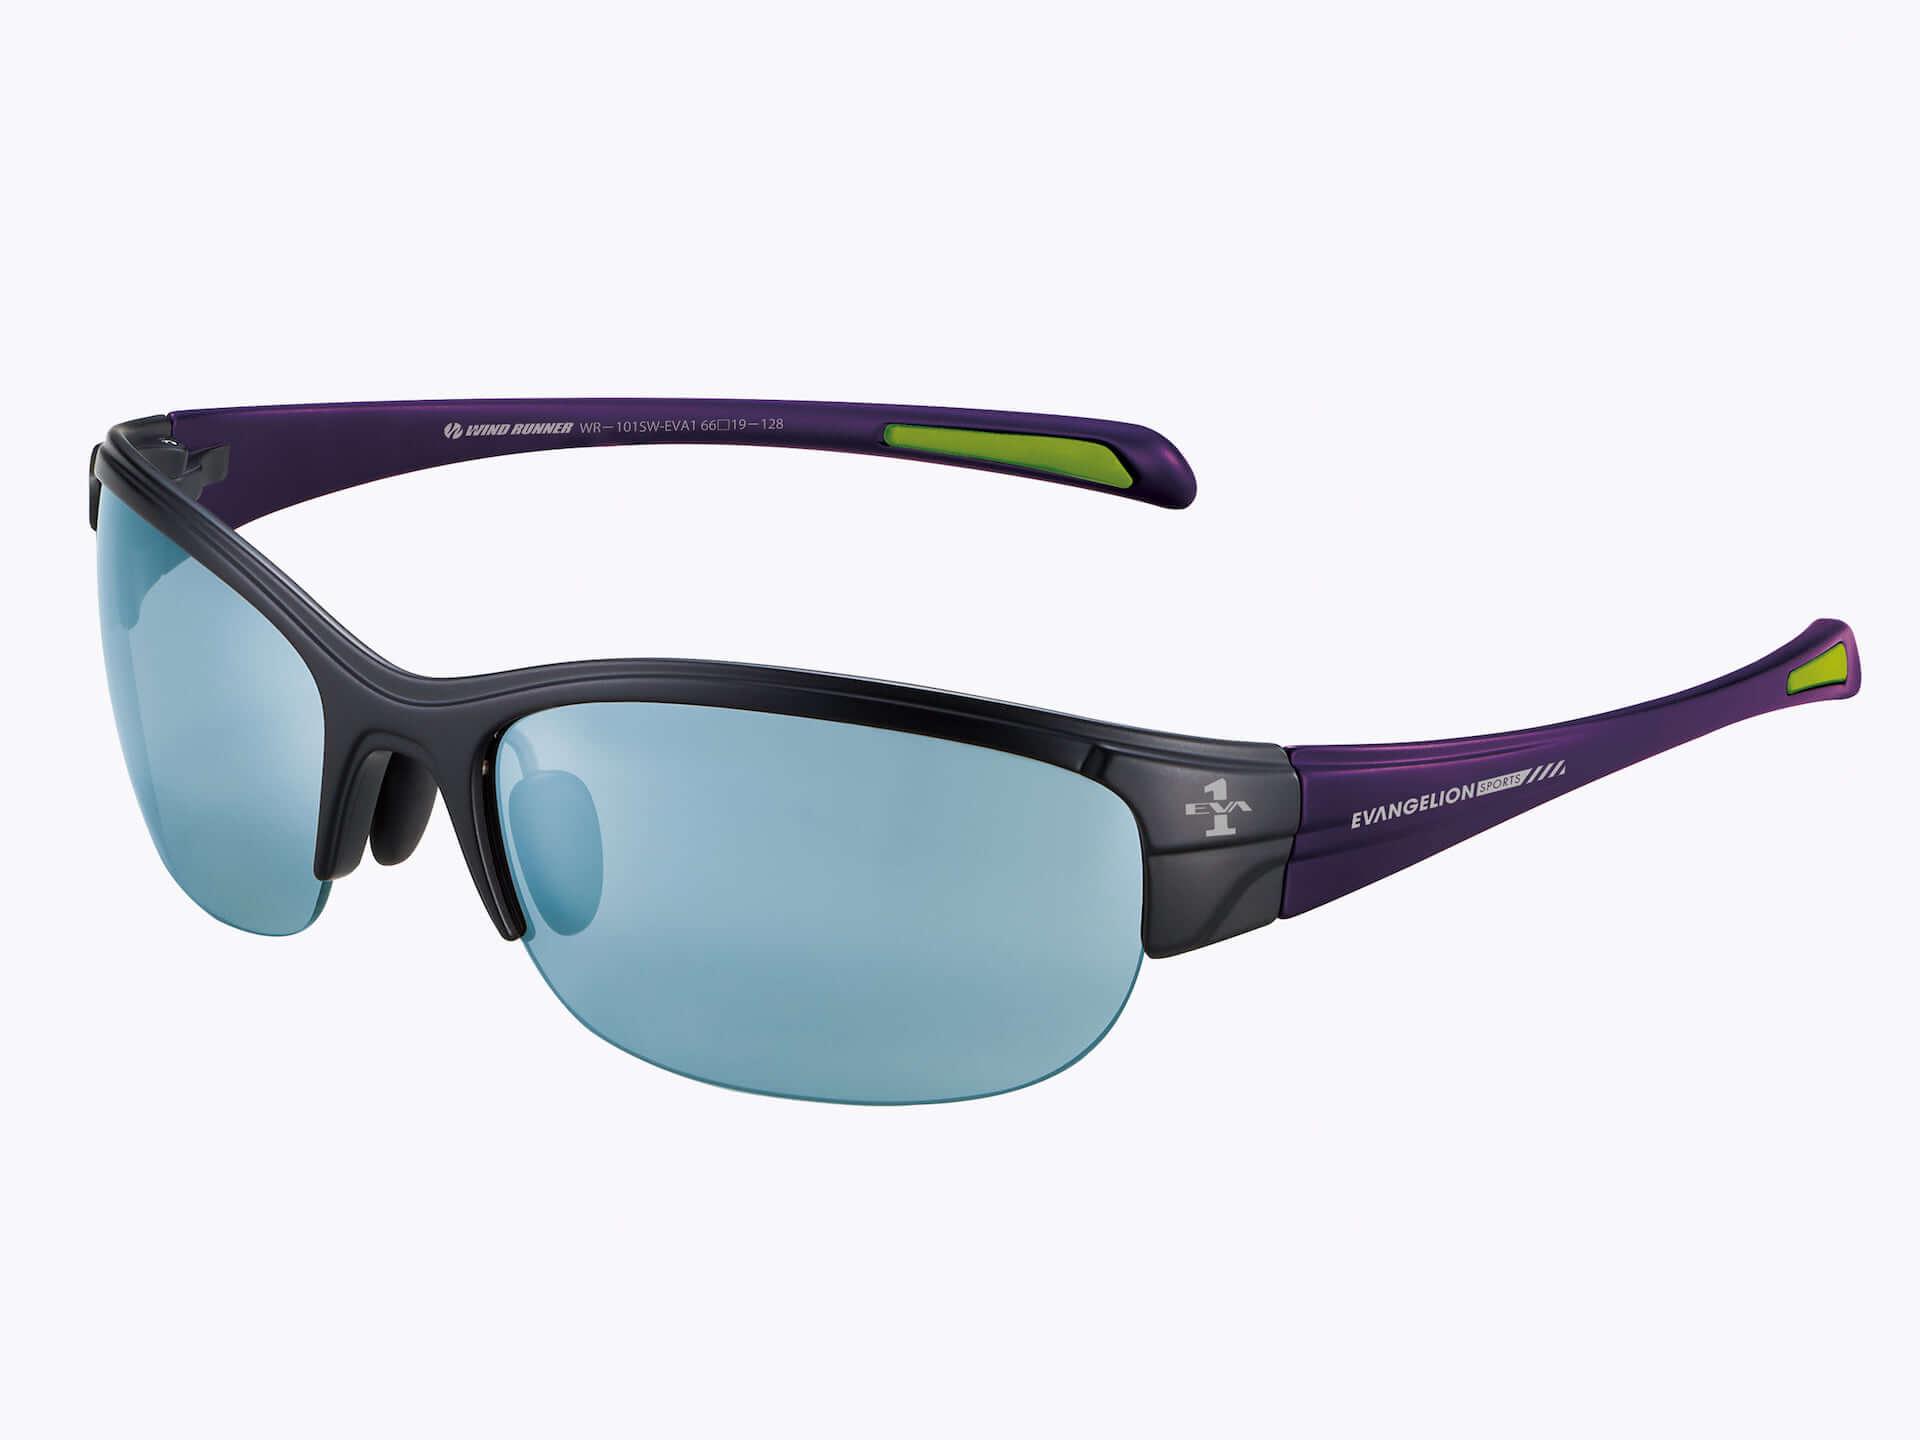 「メガネの愛眼」× 新世紀エヴァンゲリオンの別注サングラスが発売中!EVA初号機をイメージした2型 lf200602_eva_sunglasses_06-1920x1440